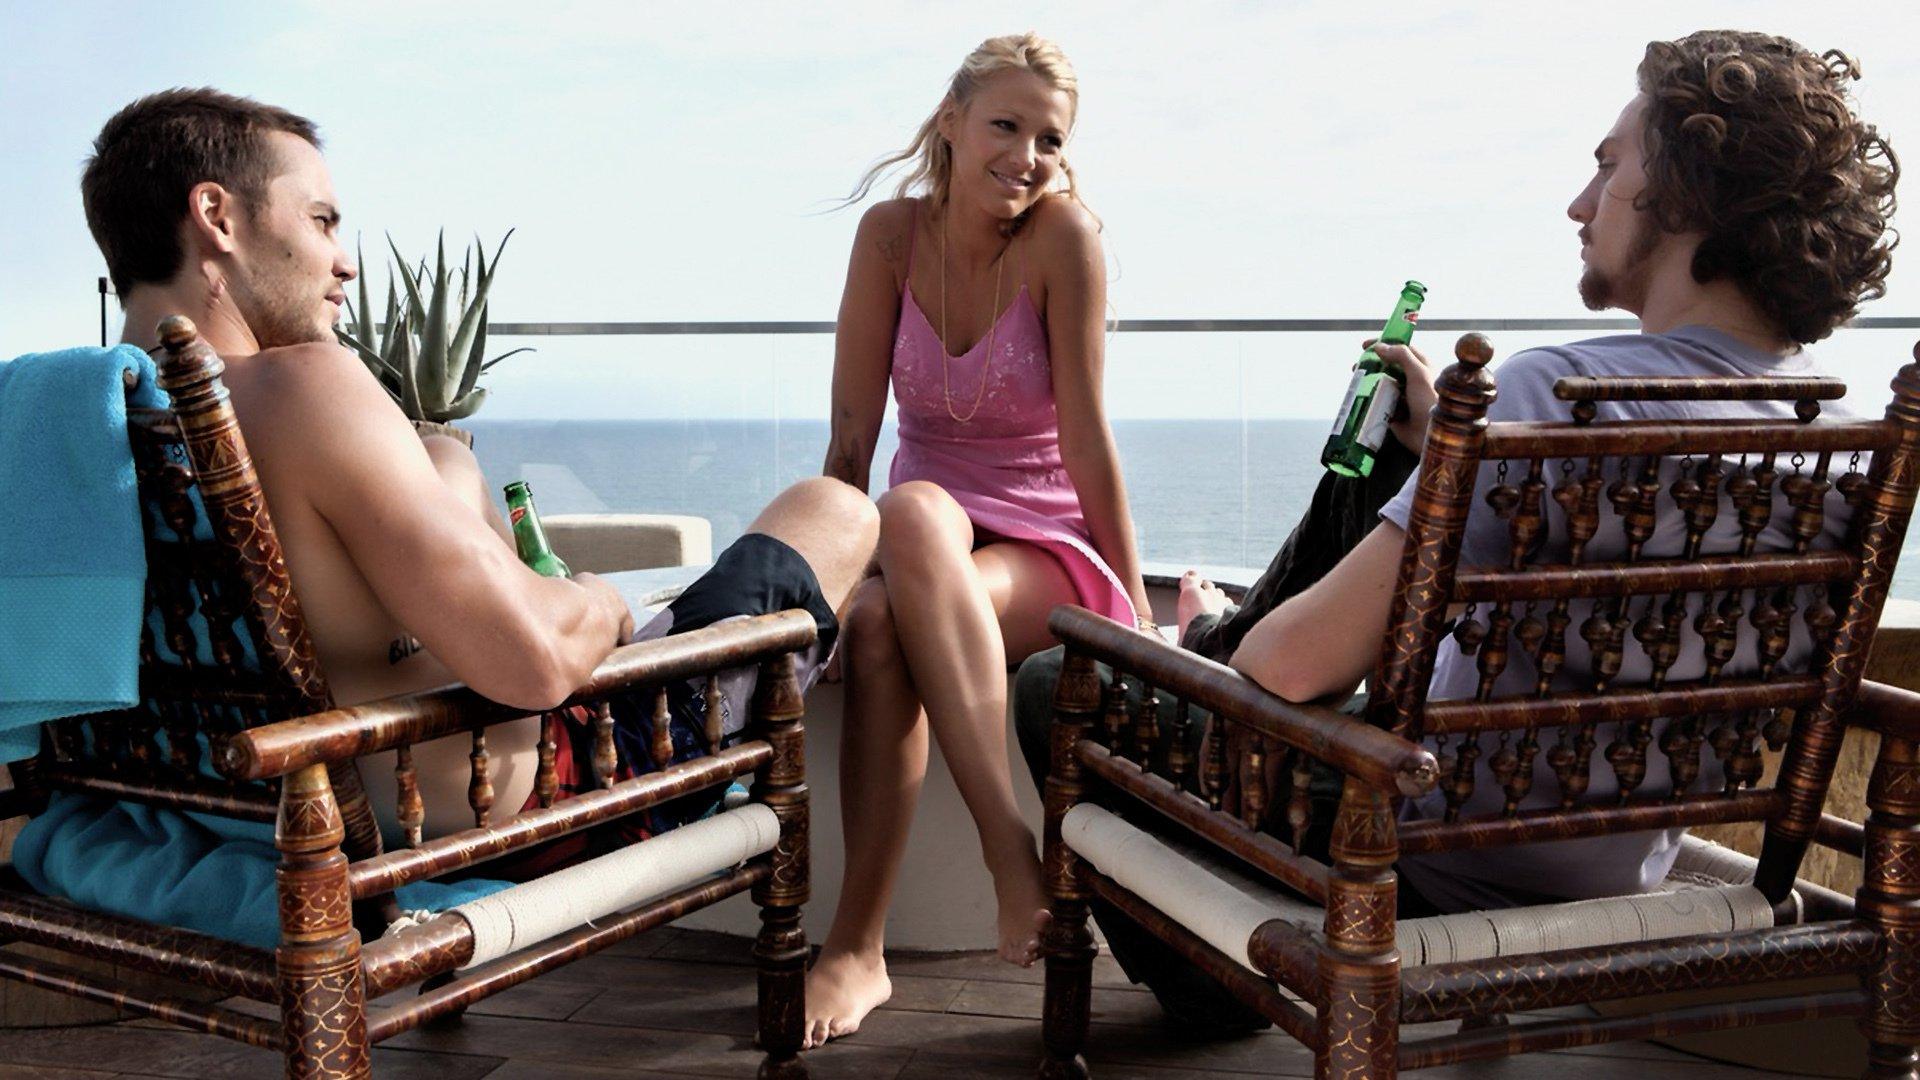 Недооцененный фильм с БлейкЛайвлистал хитомNetflix-Фото 2